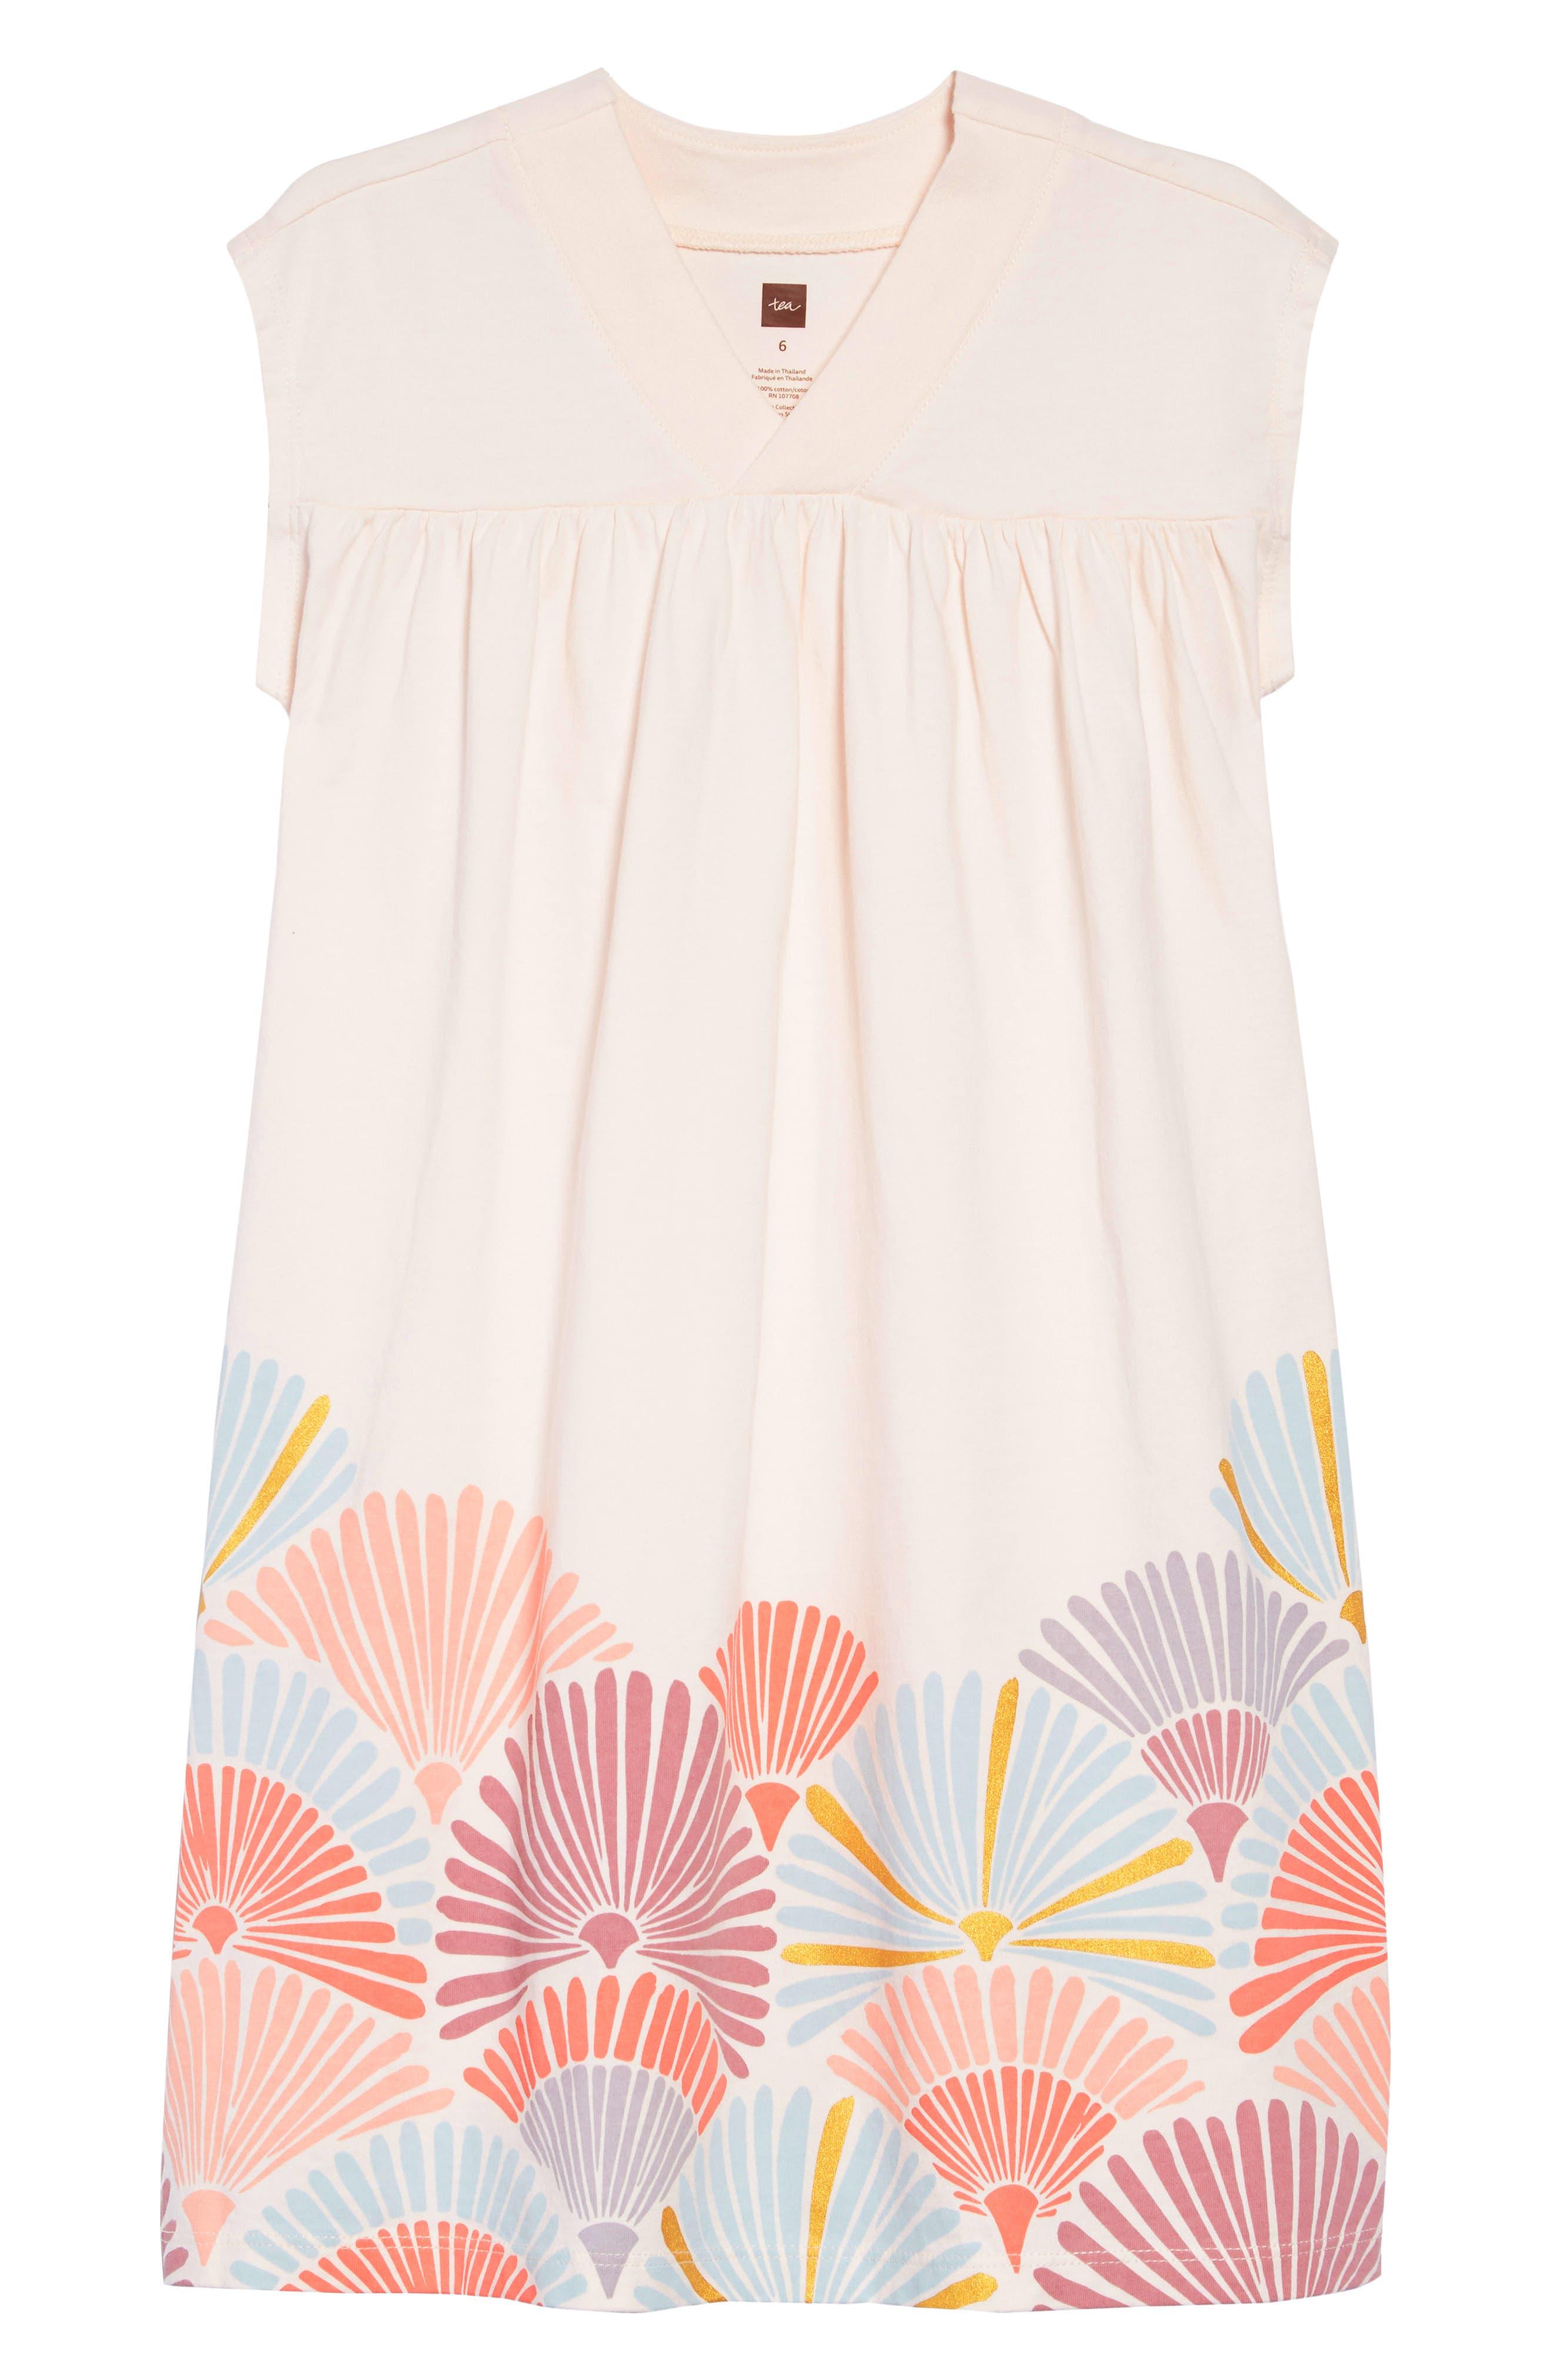 TEA COLLECTION Graphic Trapeze Dress, Main, color, SILKWORM